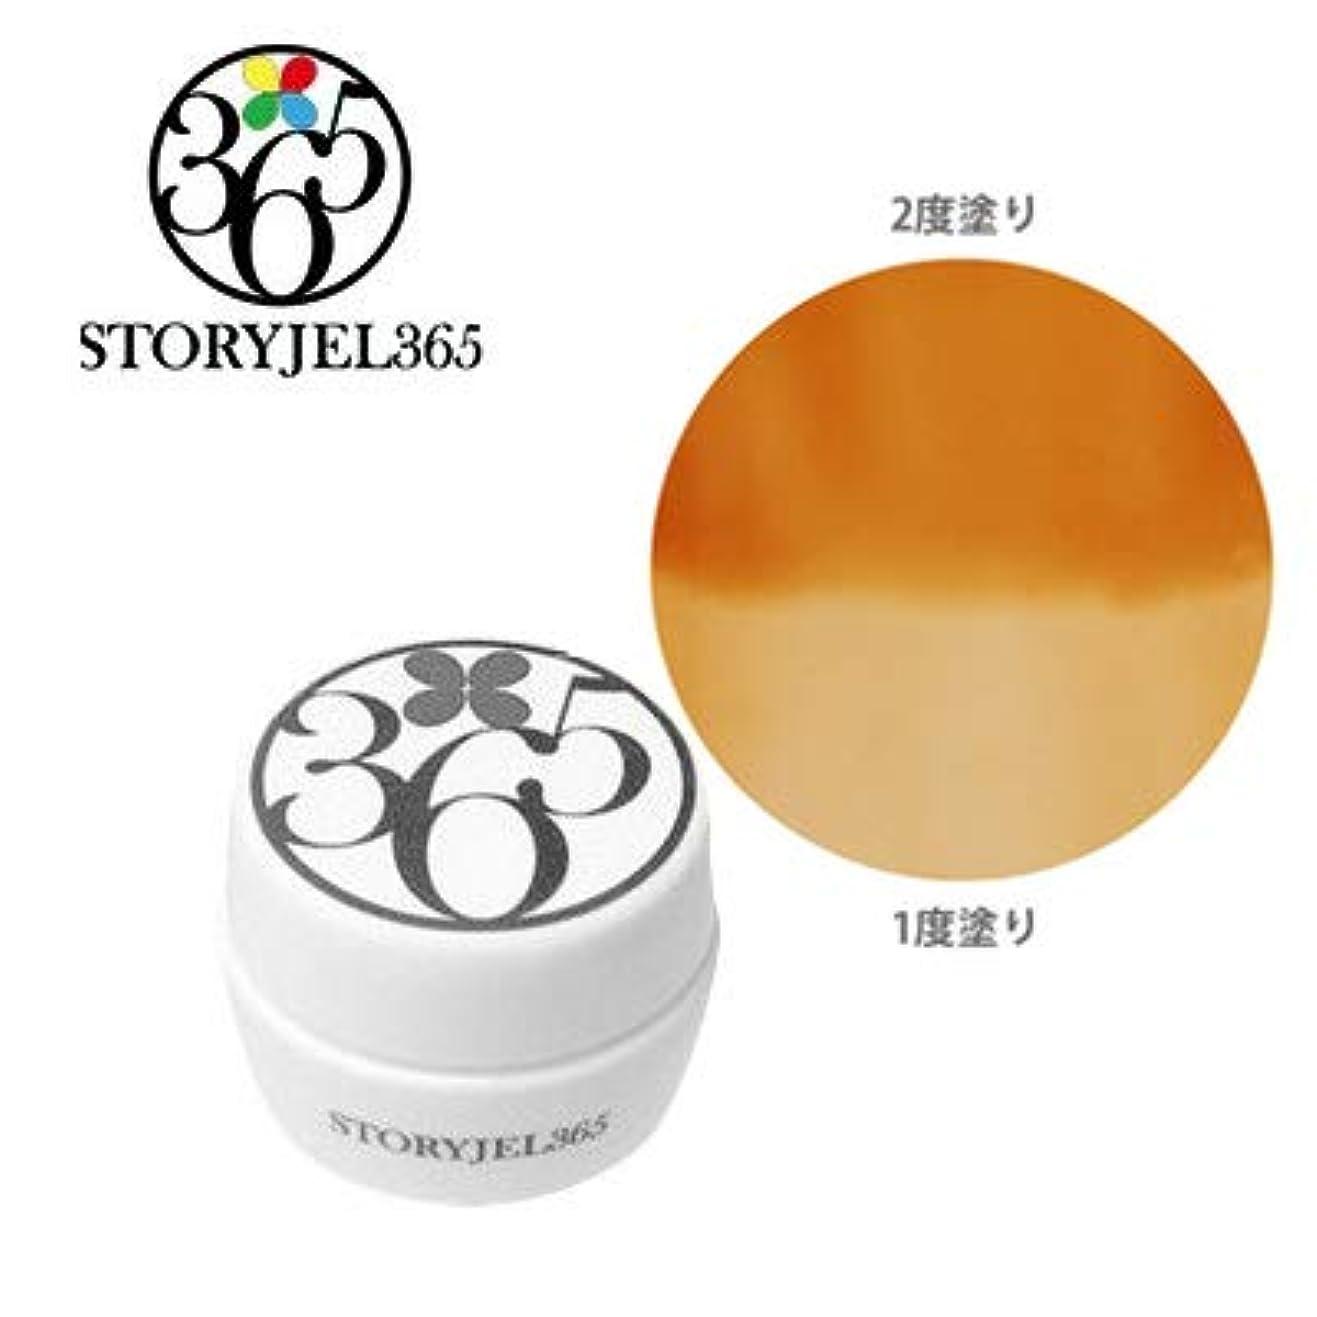 痛みトランスペアレント効果STORY JEL365 カラージェル SJS-169S ラムール?ファミリアル